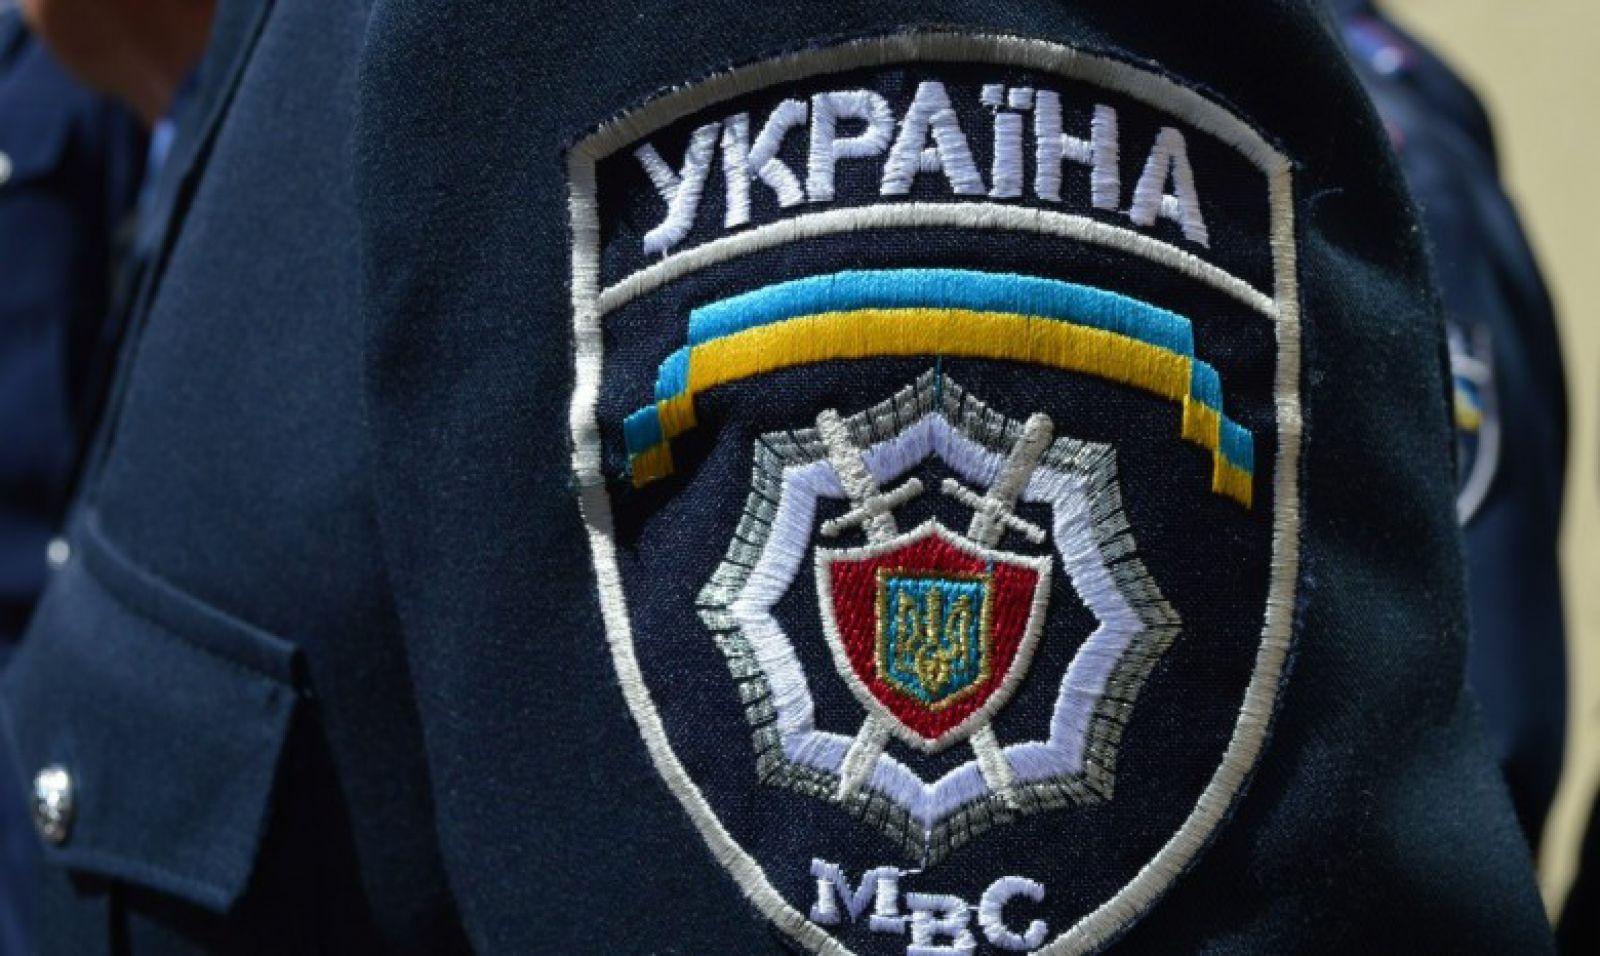 МВД открыло доступ к розыскной базе данных - Харьков